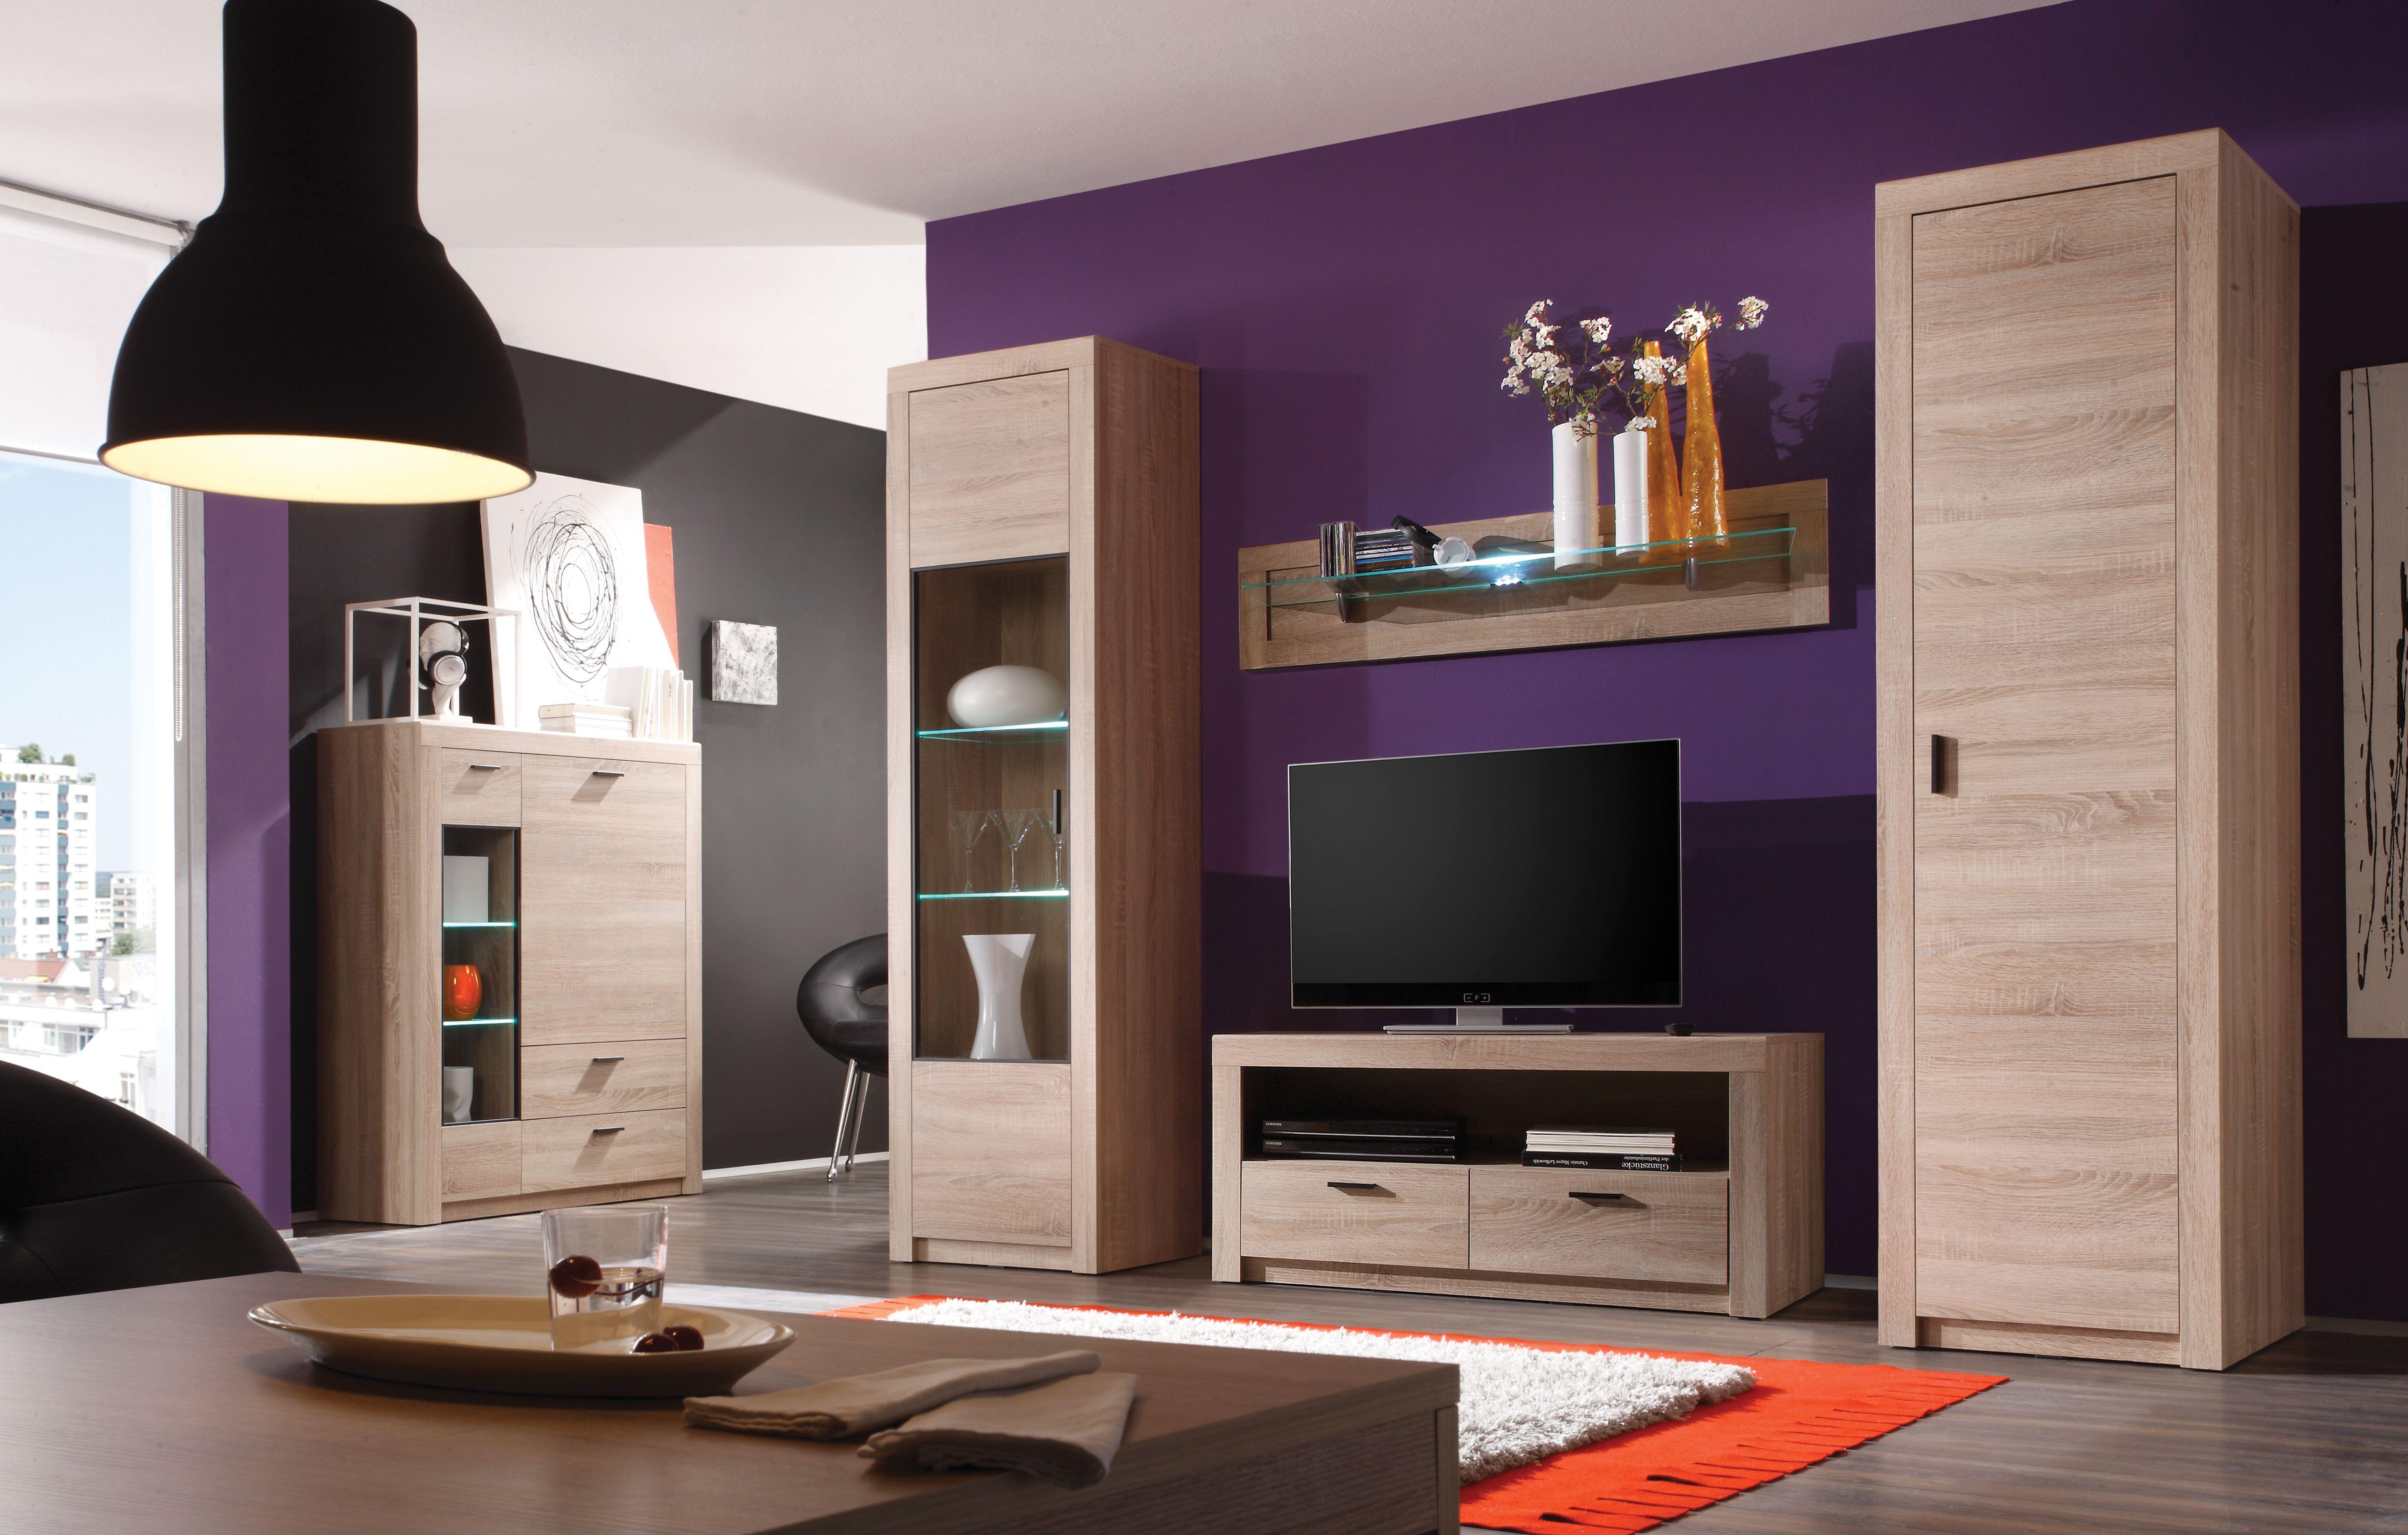 Meuble Tv Moderne Meubles Tv Design Meuble De Television Meuble Tv Meuble Tele Meuble Tv Mural Meuble Tv Meuble Tv Led Meuble Tv Modulable